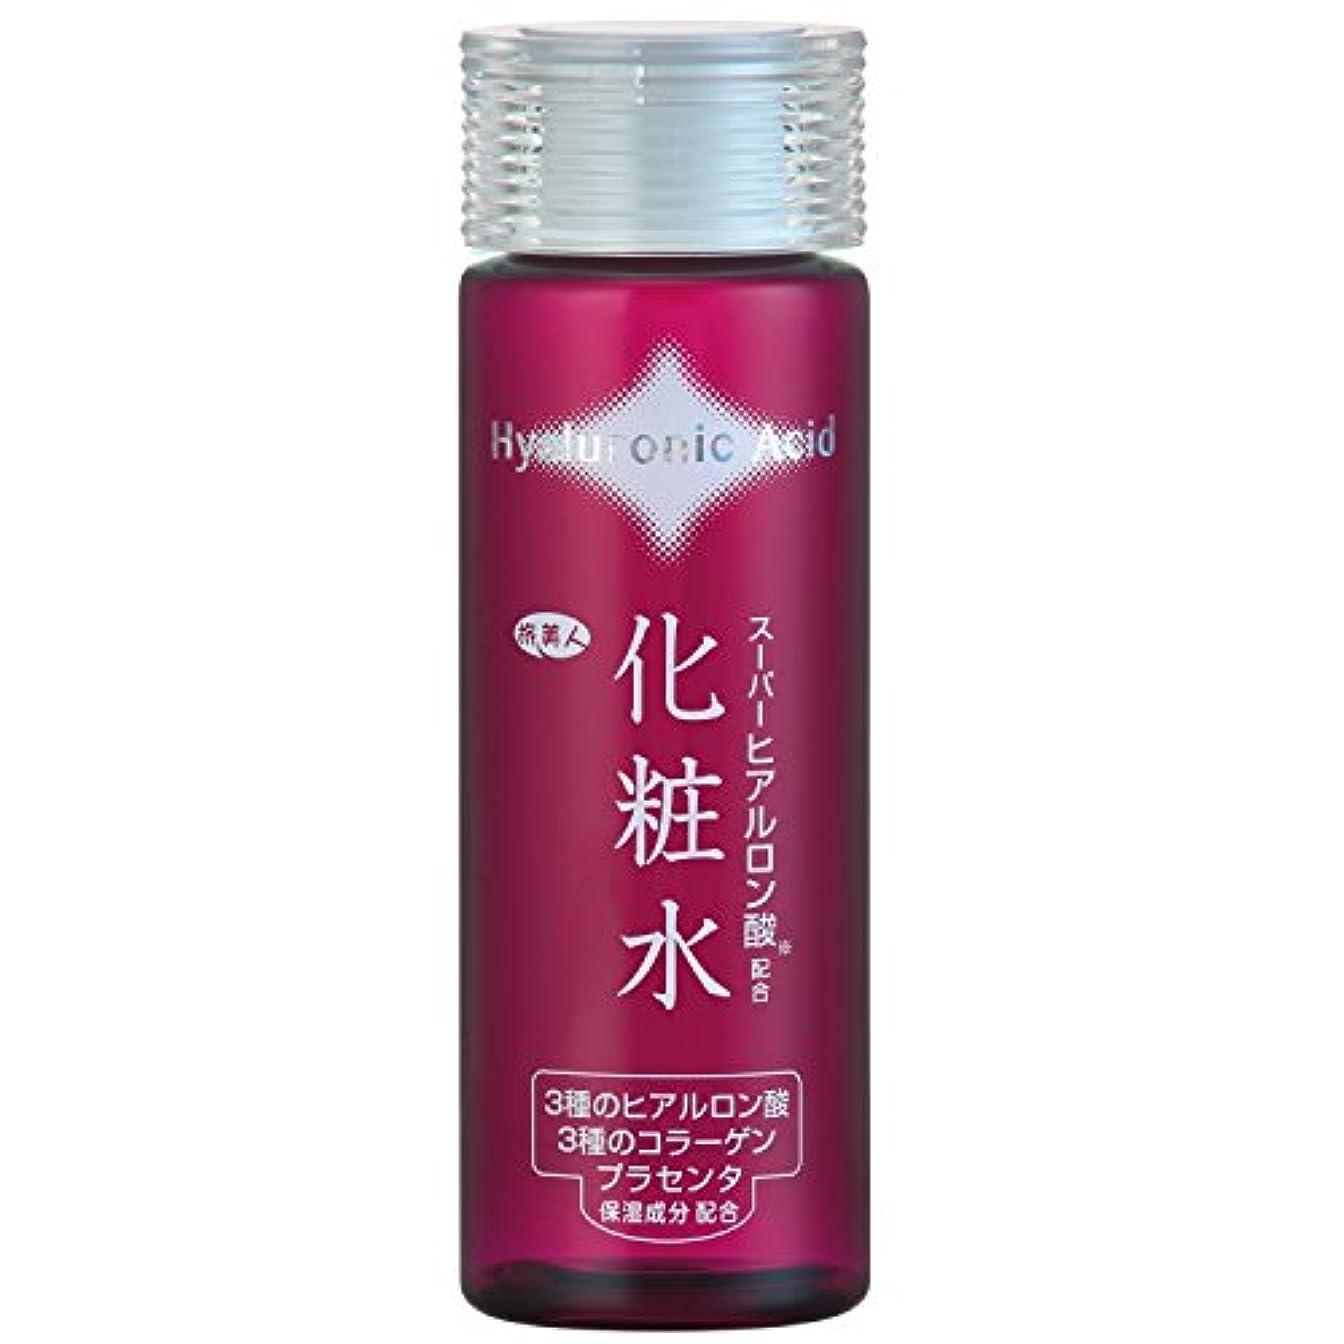 慈善値環境保護主義者アズマ商事のスーパーヒアルロン酸配合化粧水